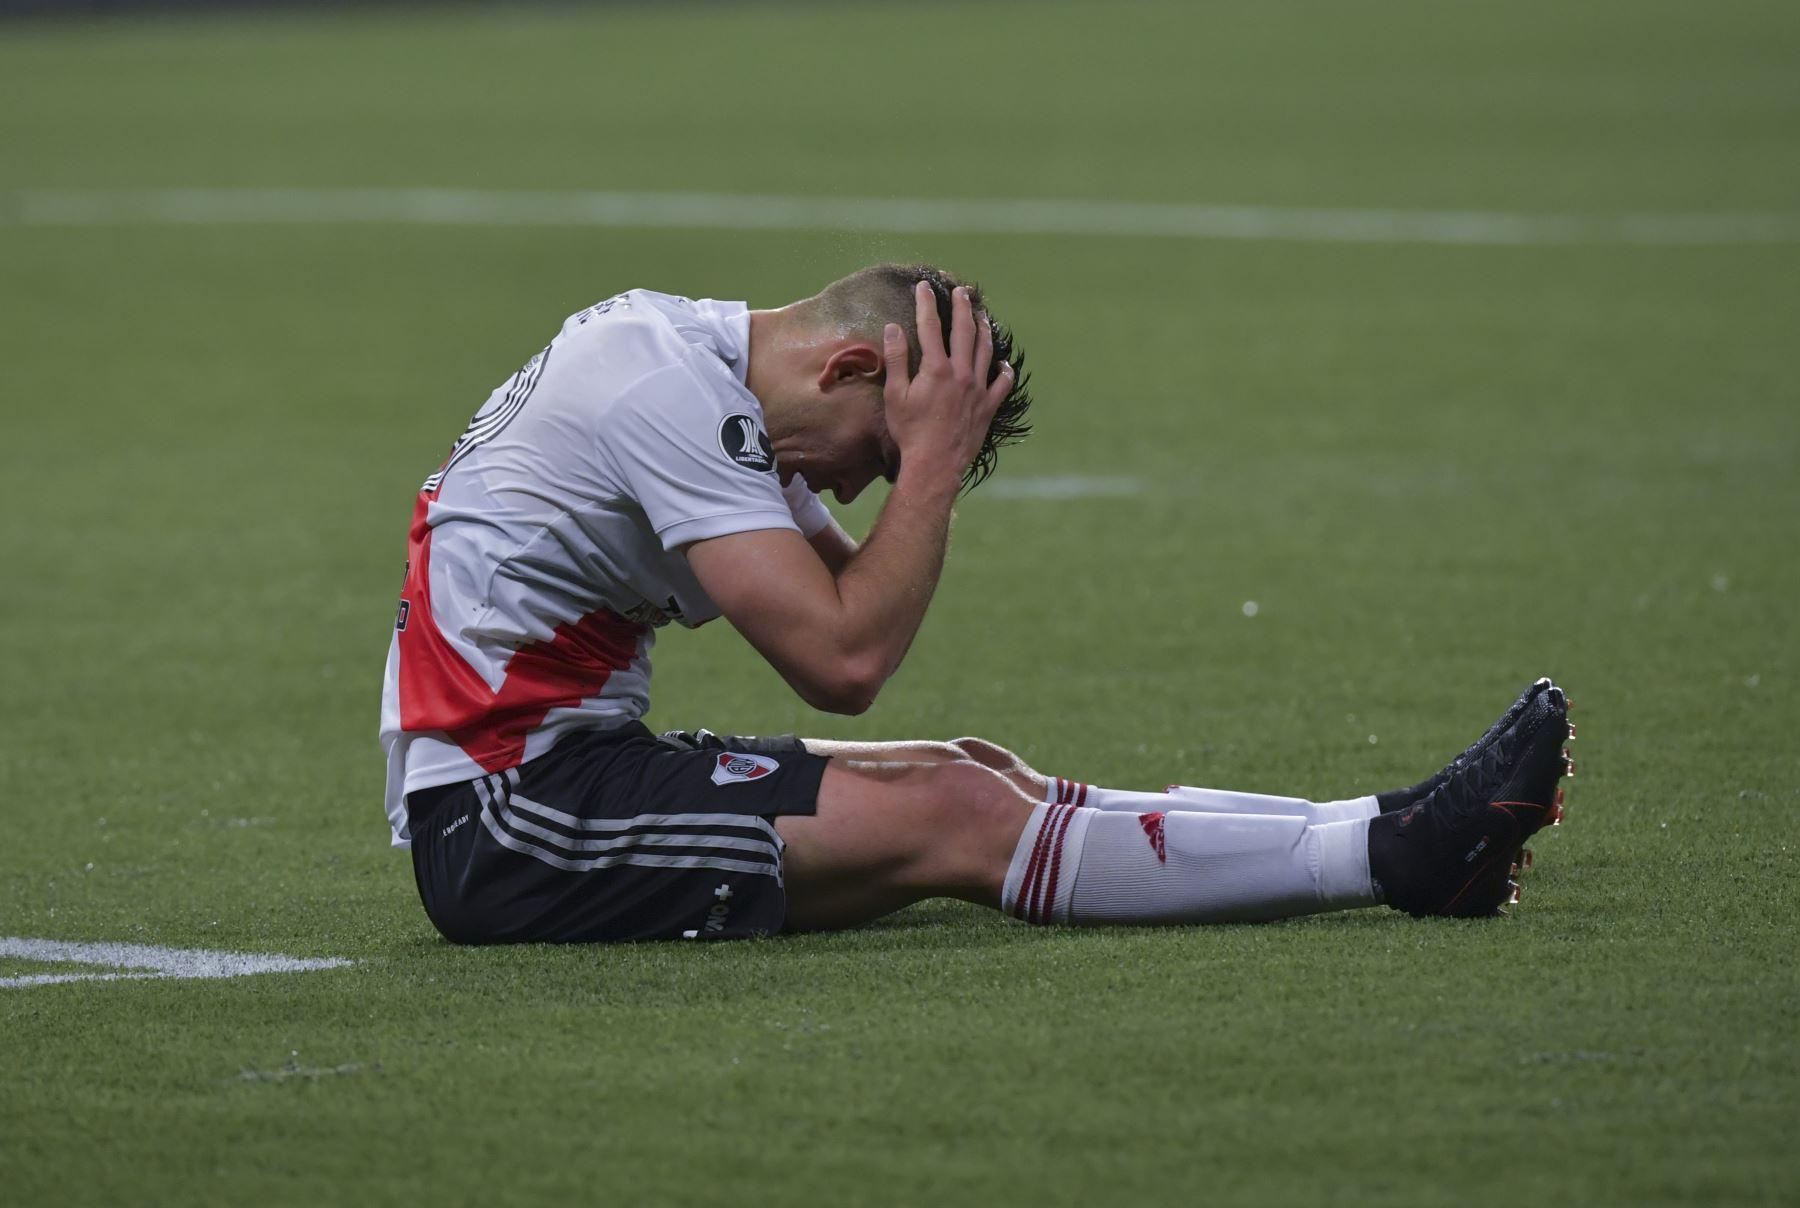 River Plate hizo todo el esfuerzo en el campo de juego pero no bastó para empatar el marcador general que quedó en un 3 a 2 a favor del palmeiras de Brasil. Foto: AFP